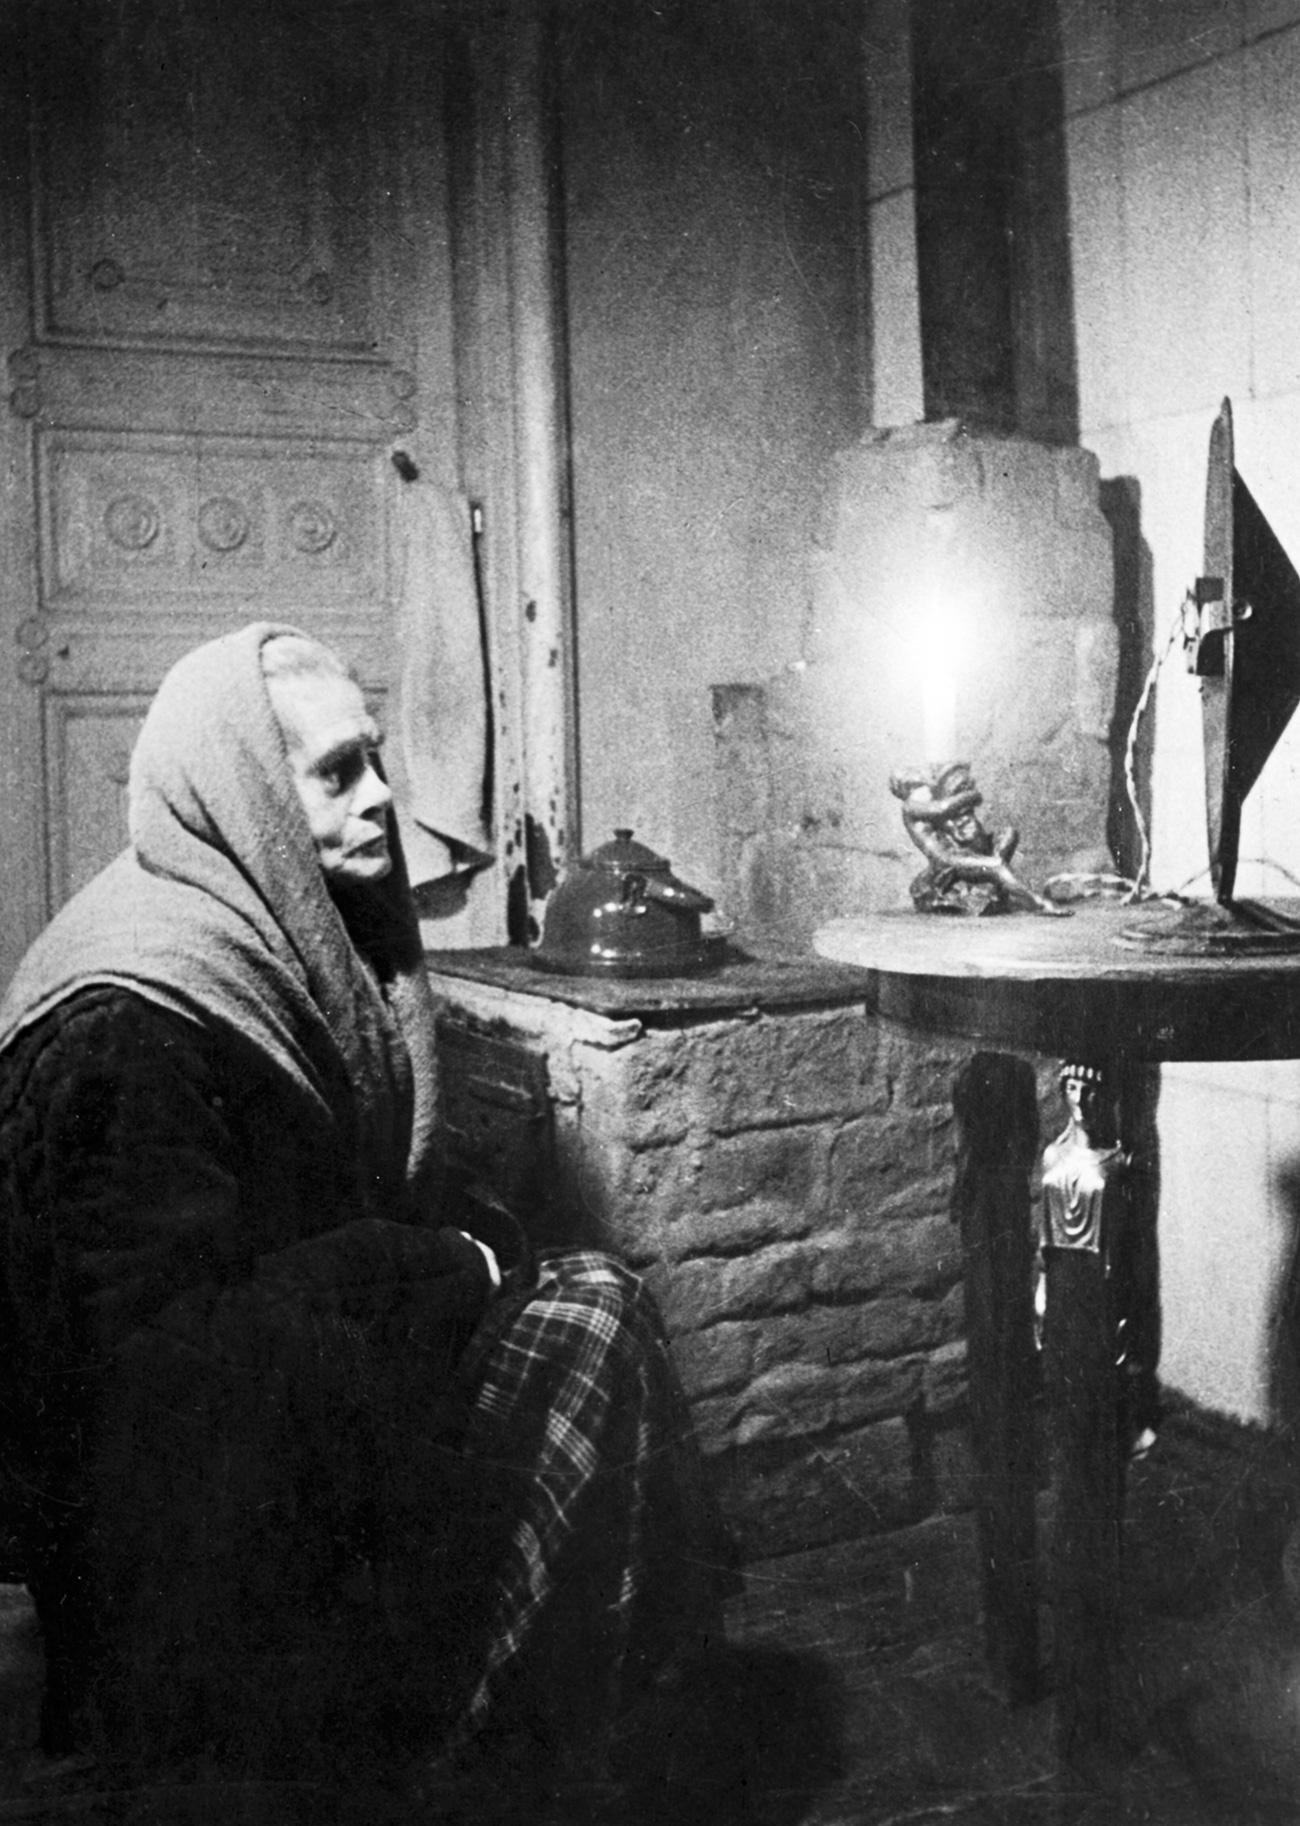 In quei giorni così duri, in cui le case erano al freddo e al buio, gli abitanti di Leningrado riuscivano a mantenersi in contatto con il mondo esterno attraverso la radio